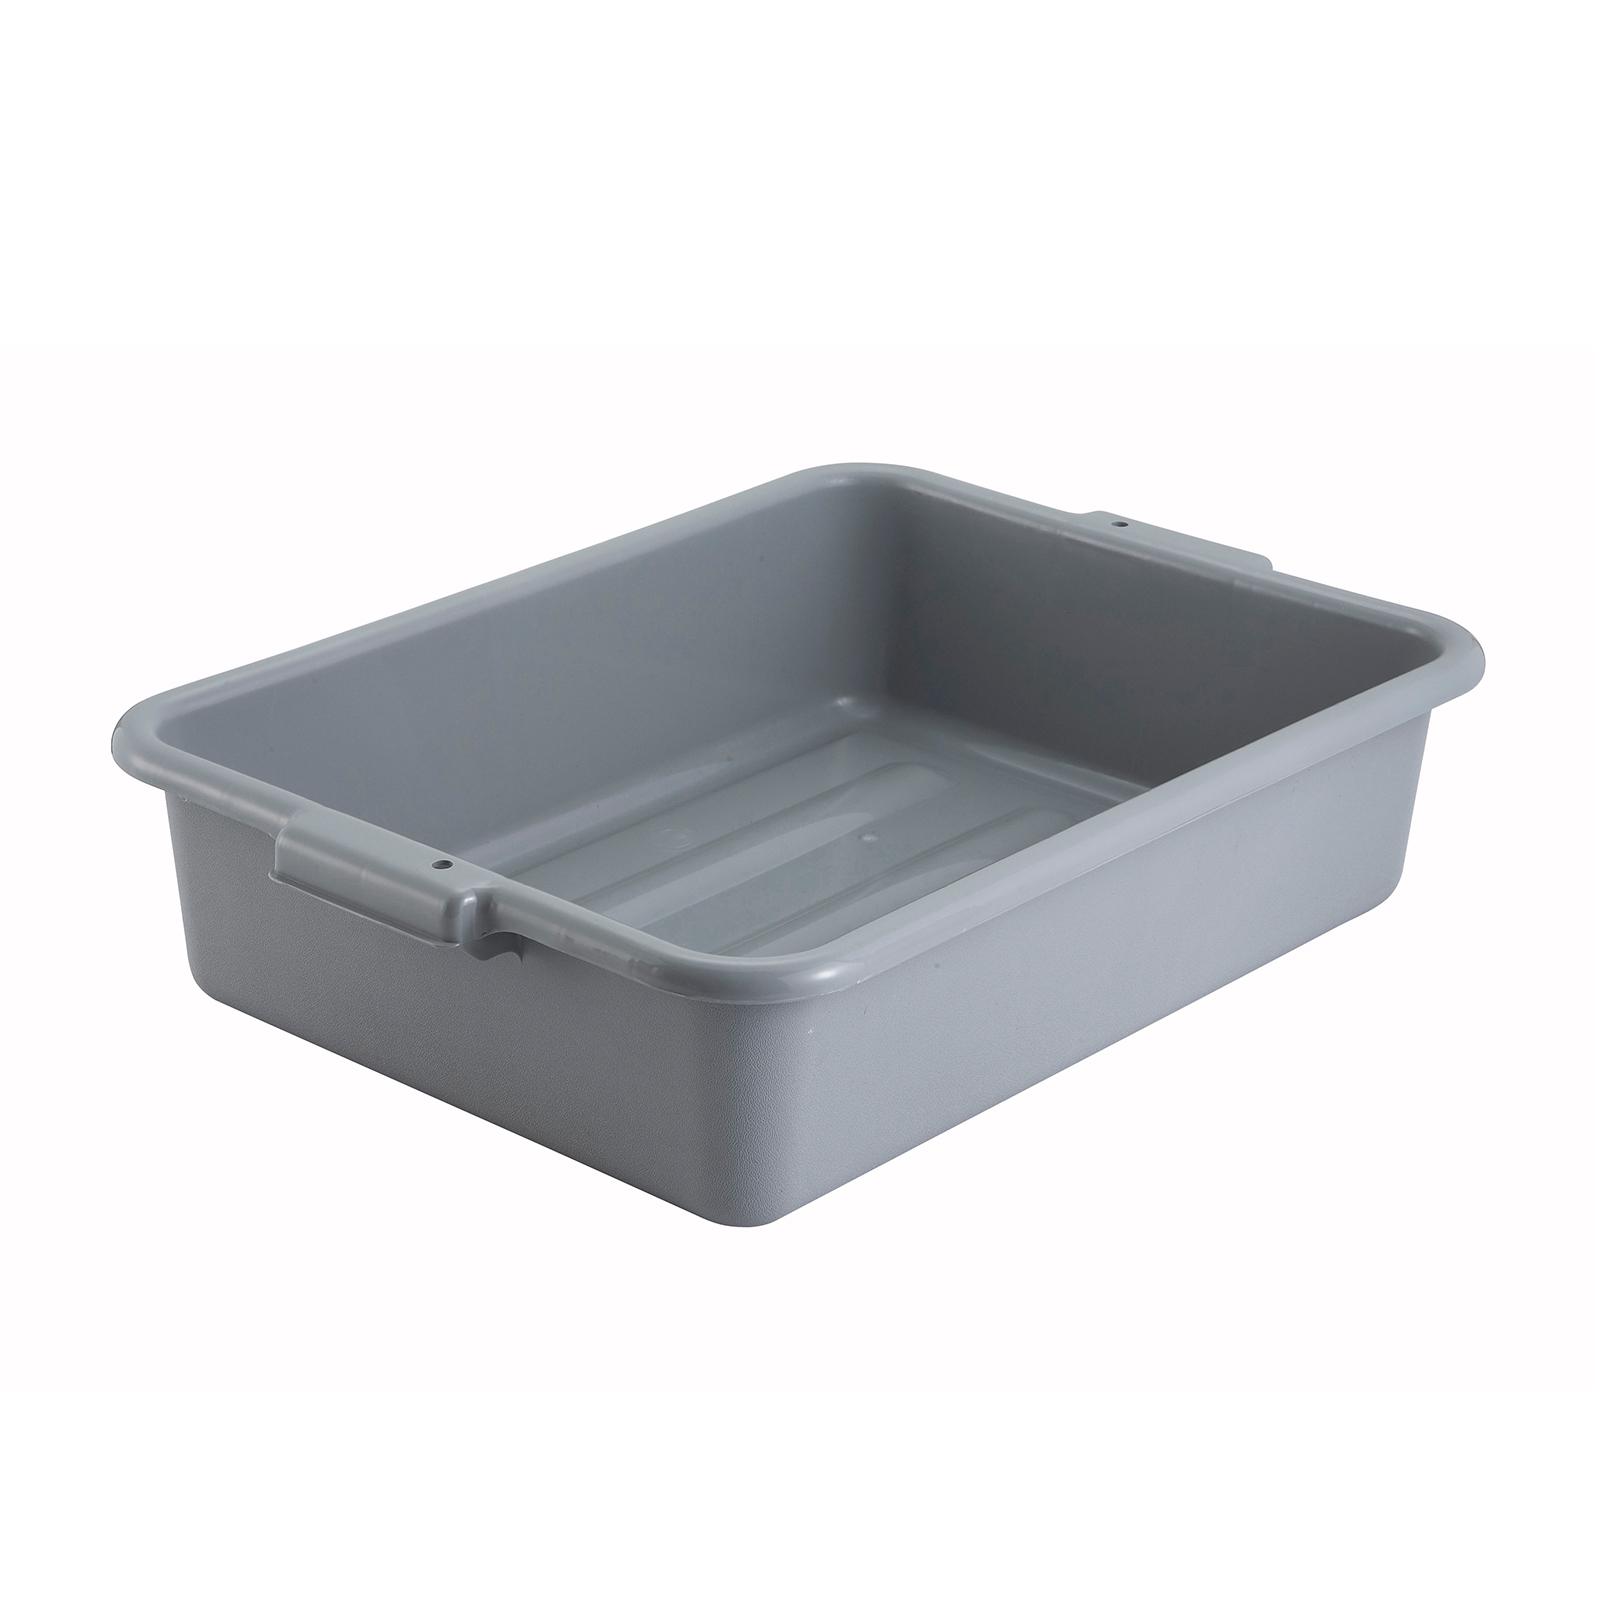 2950-01 Winco PL-5G bus box / tub